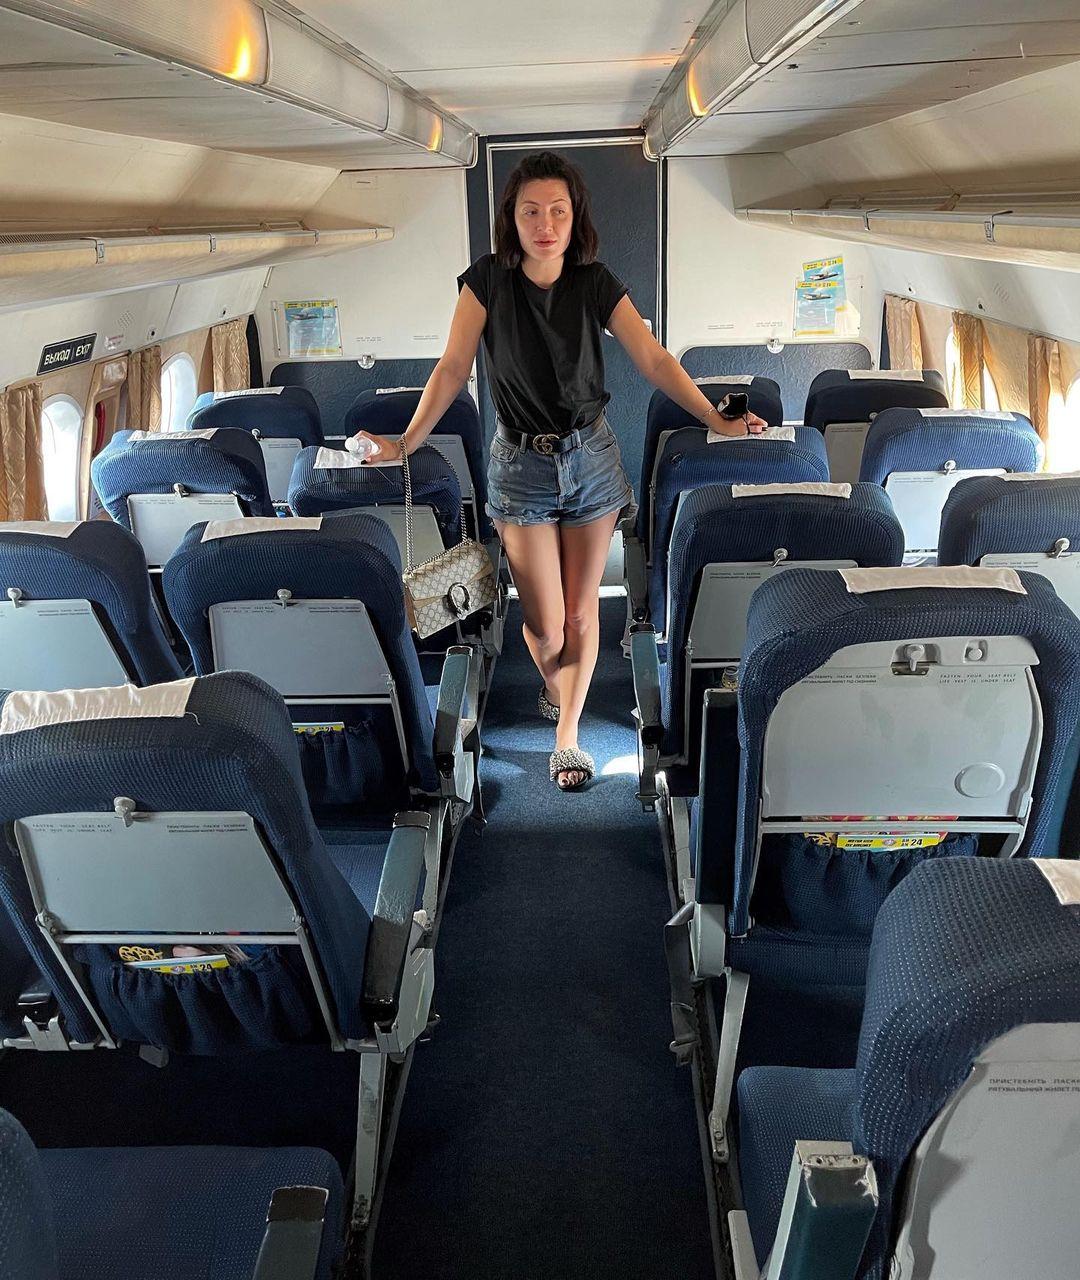 """Снежана Бабкина возмутилась украинскими авиалиниями: """"такого самолета не видела никогда"""""""